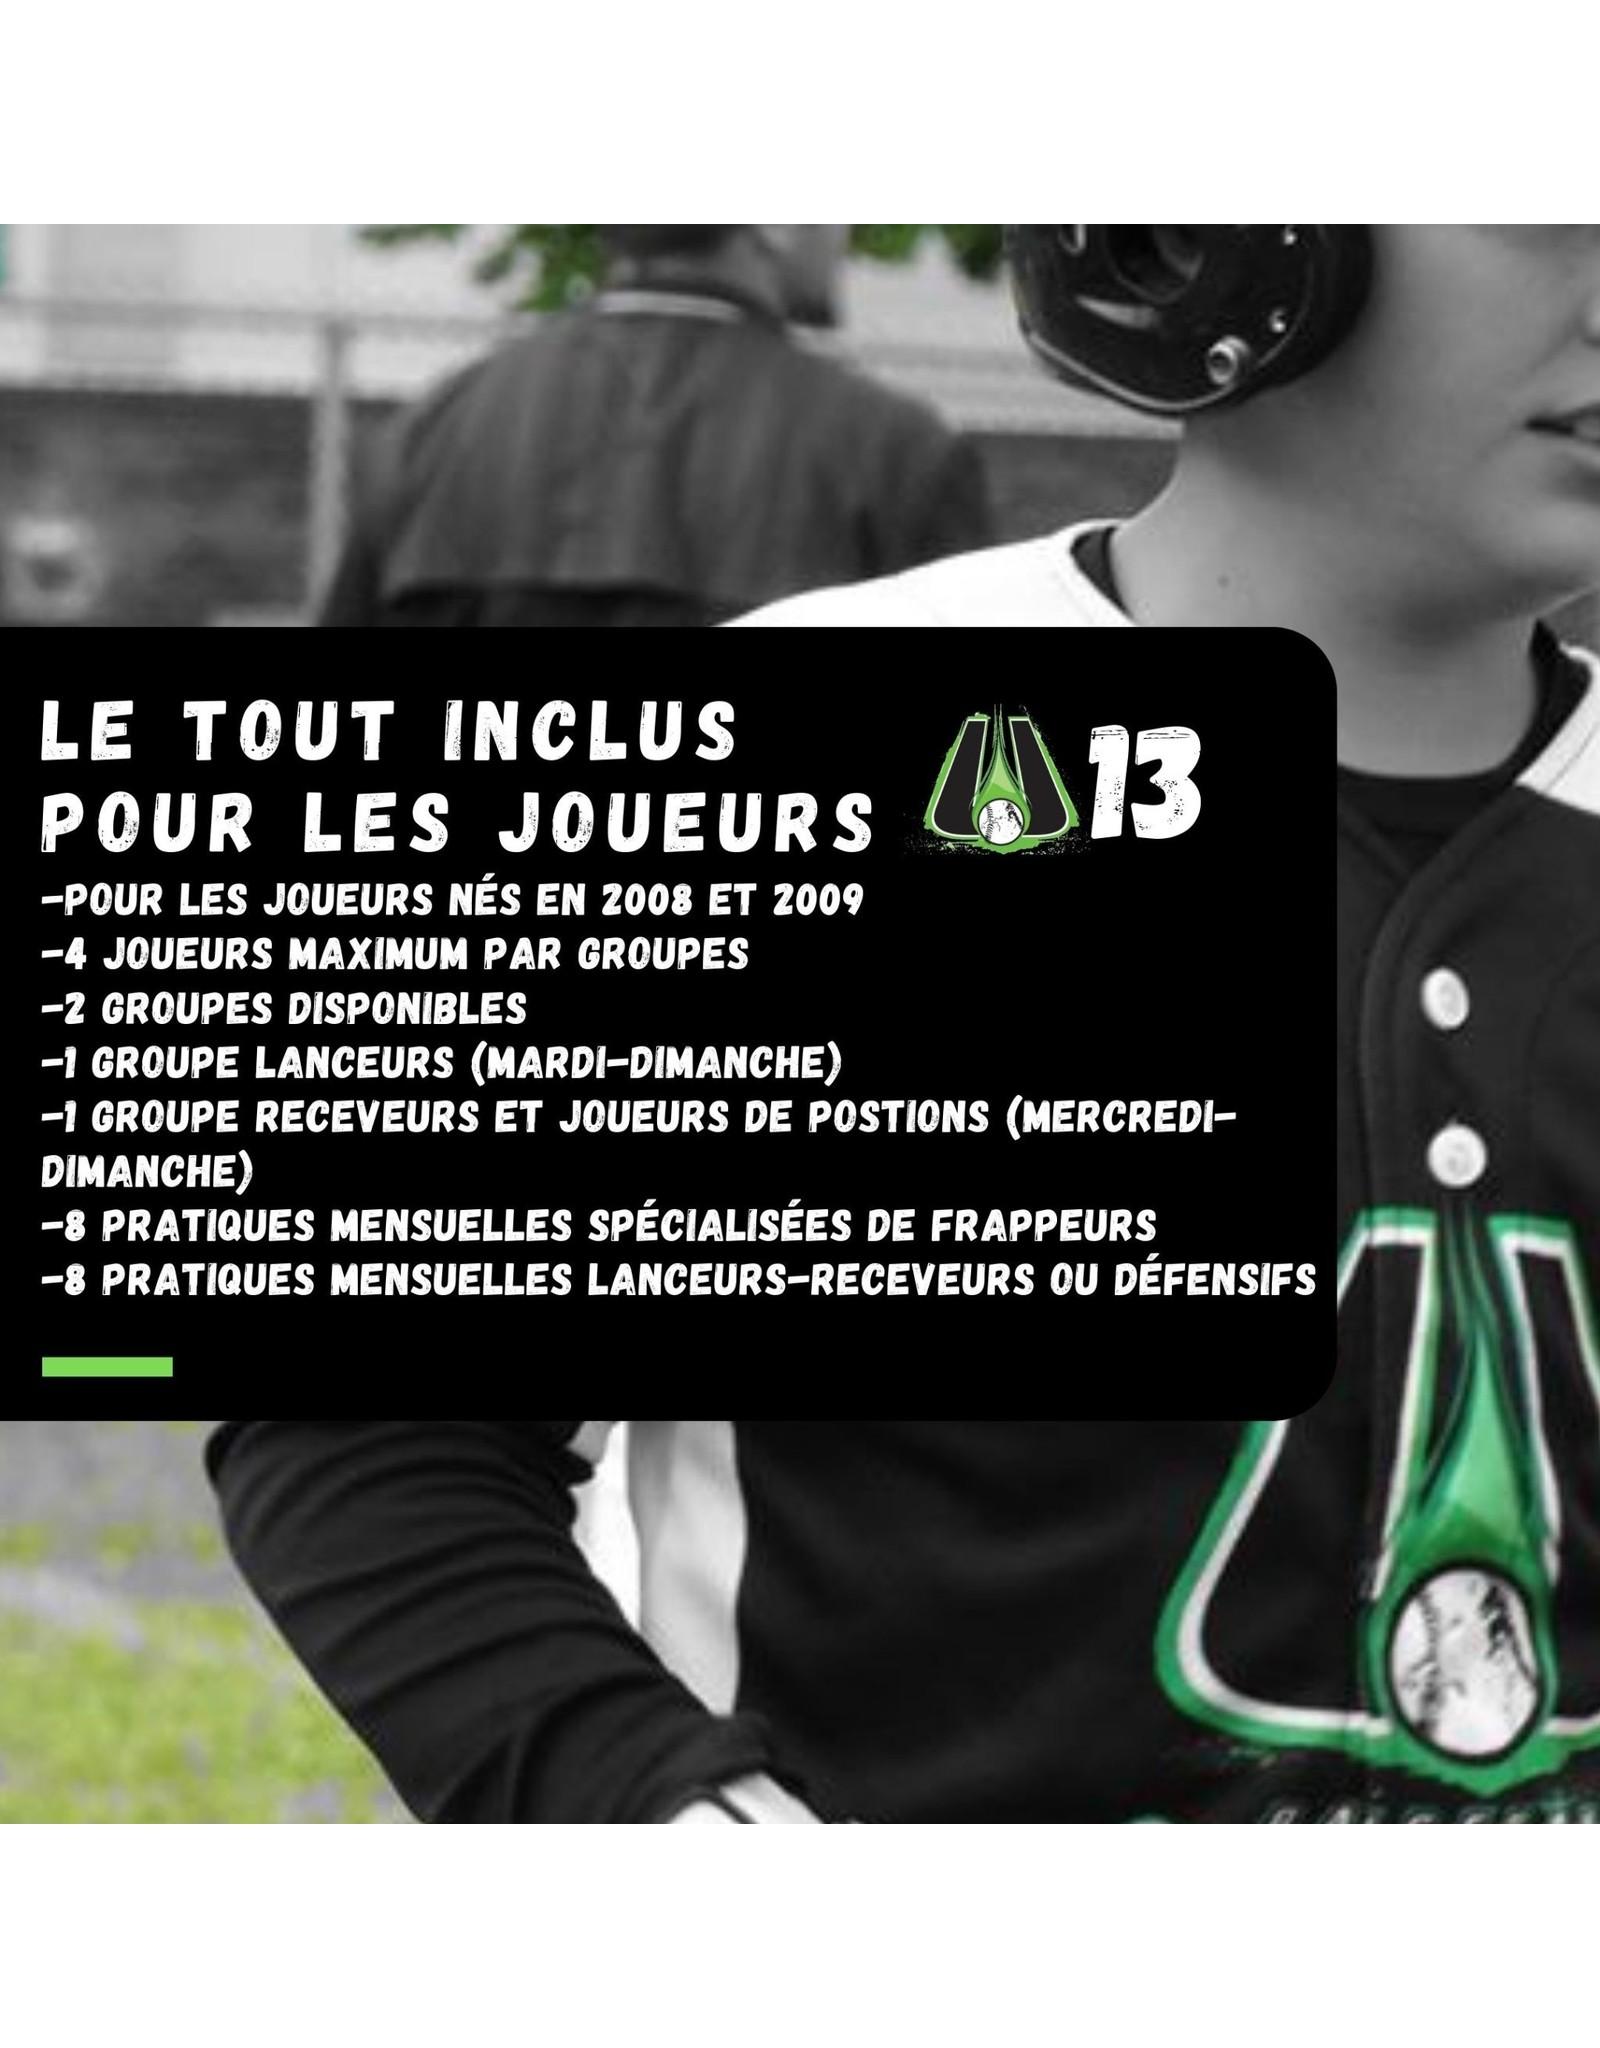 Tout inclus mensuel U13  Groupe lanceurs  (mardi-dimanche)